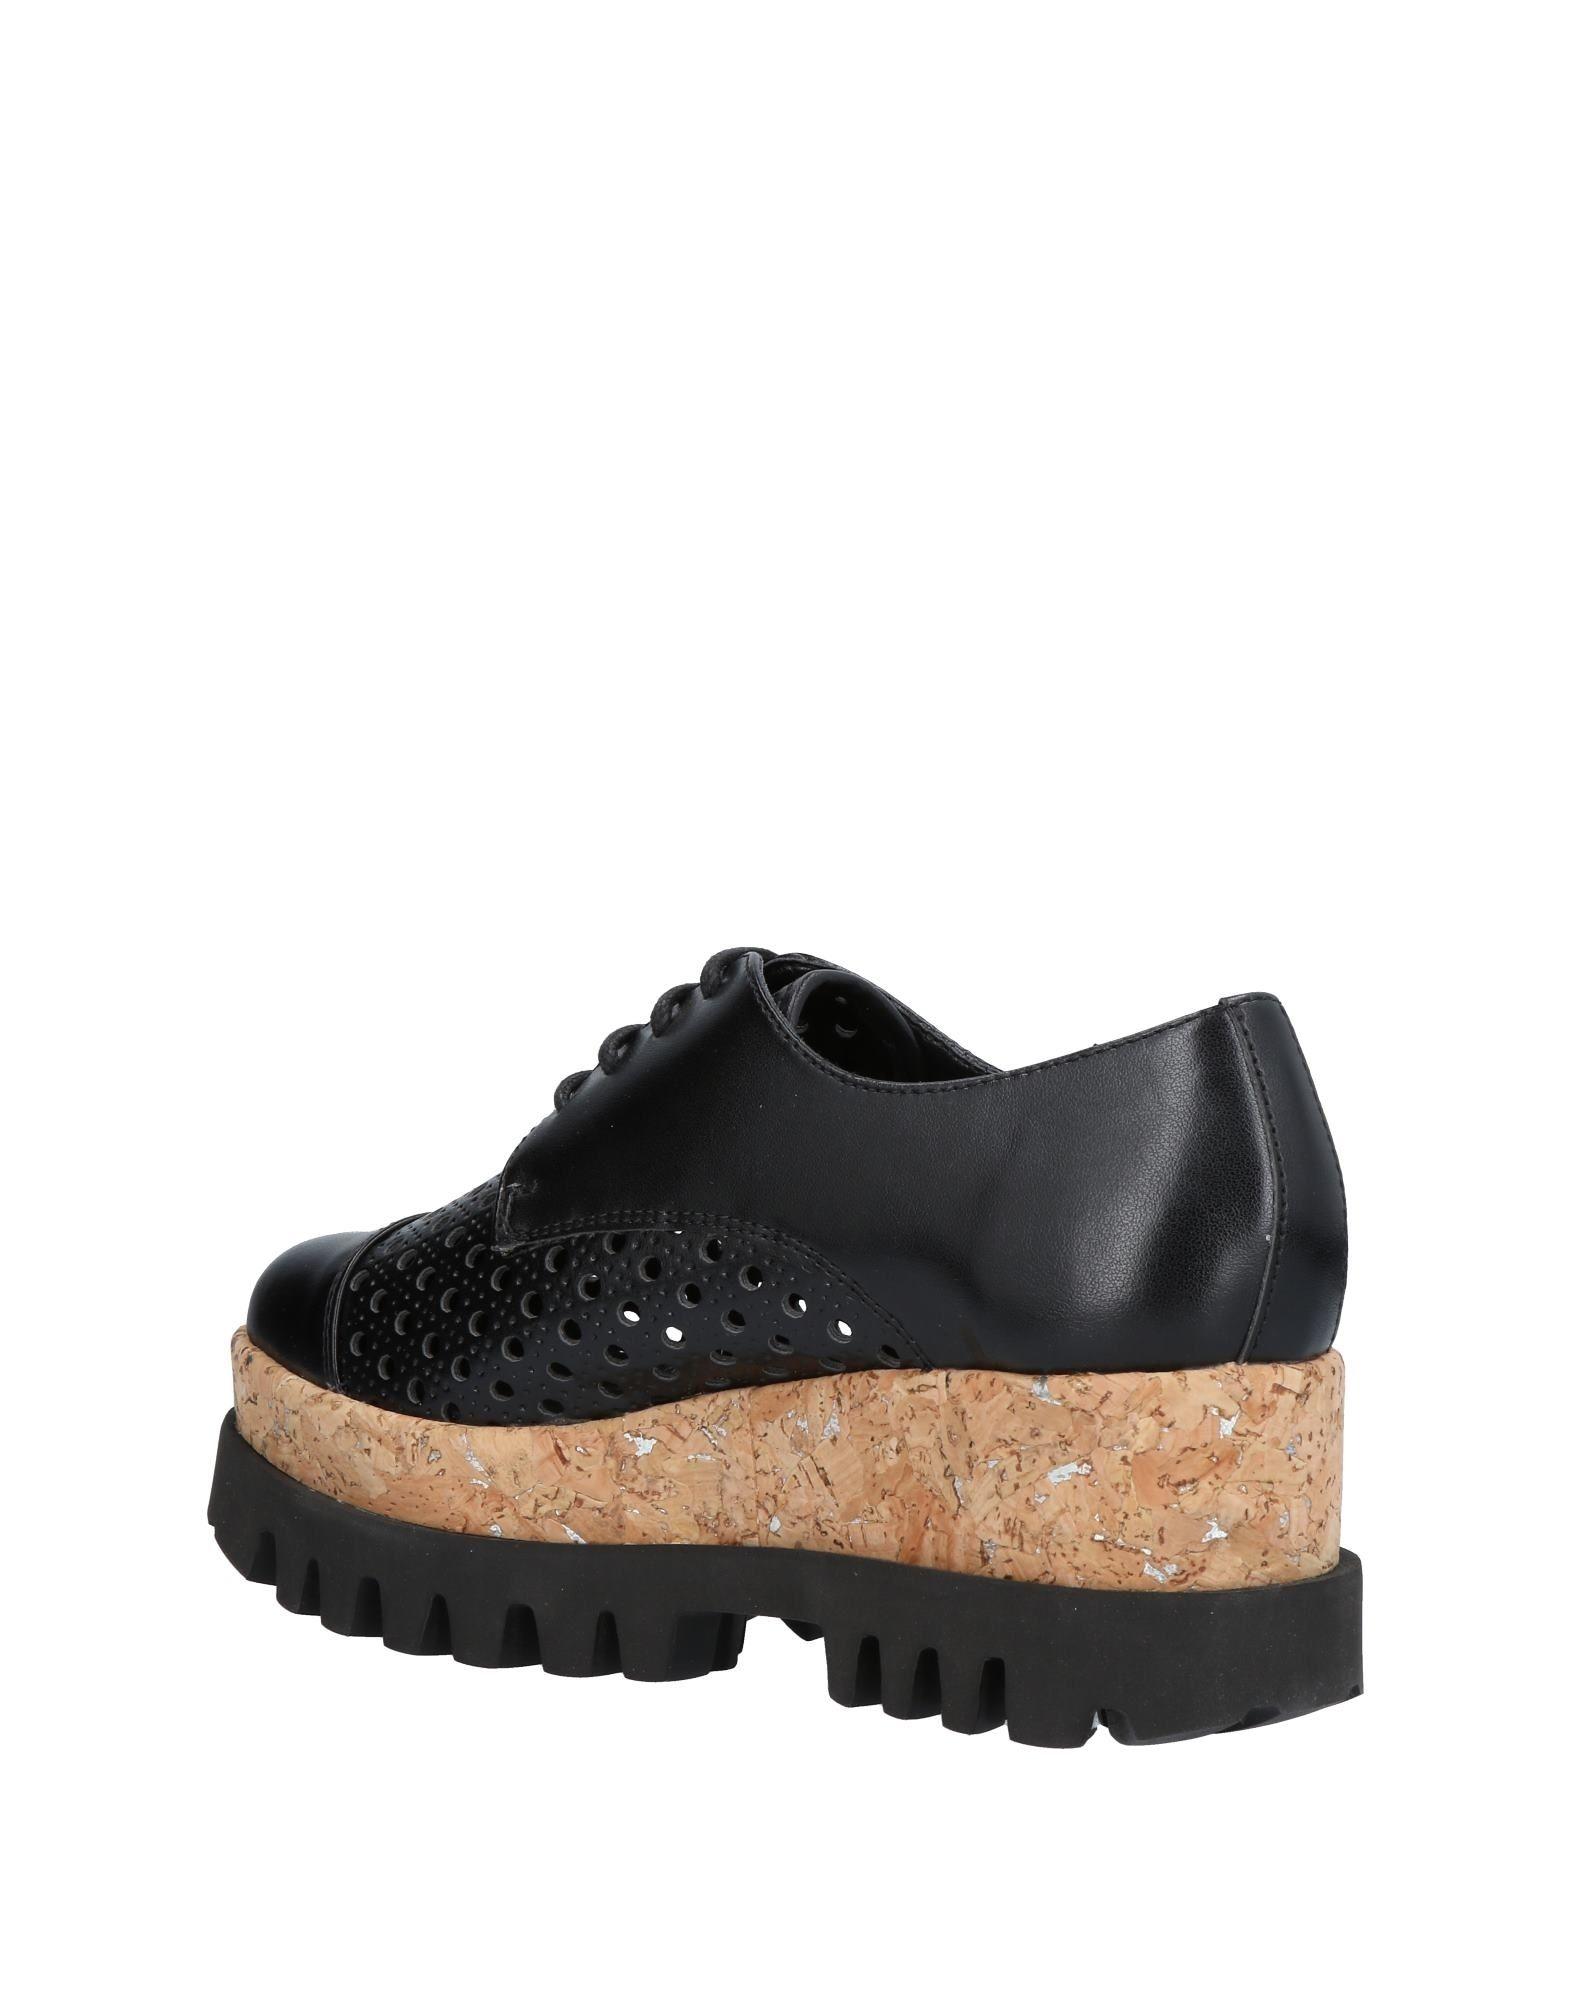 Cult Schnürschuhe Damen  11421717QN Gute Qualität beliebte Schuhe Schuhe Schuhe abbe31